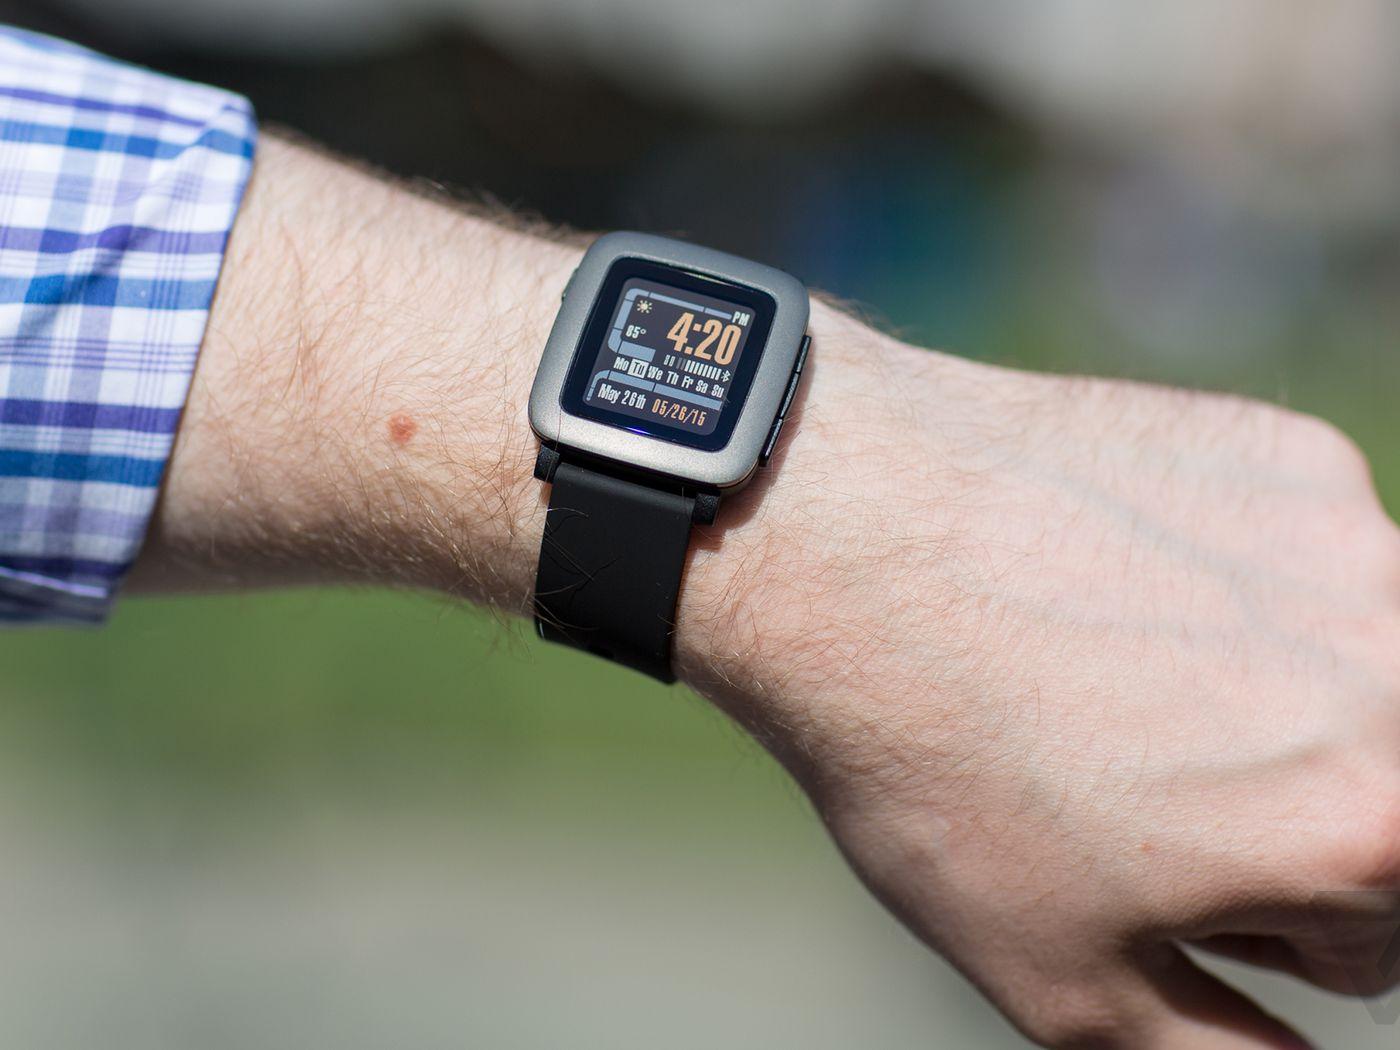 The watch demo from Kickstarter